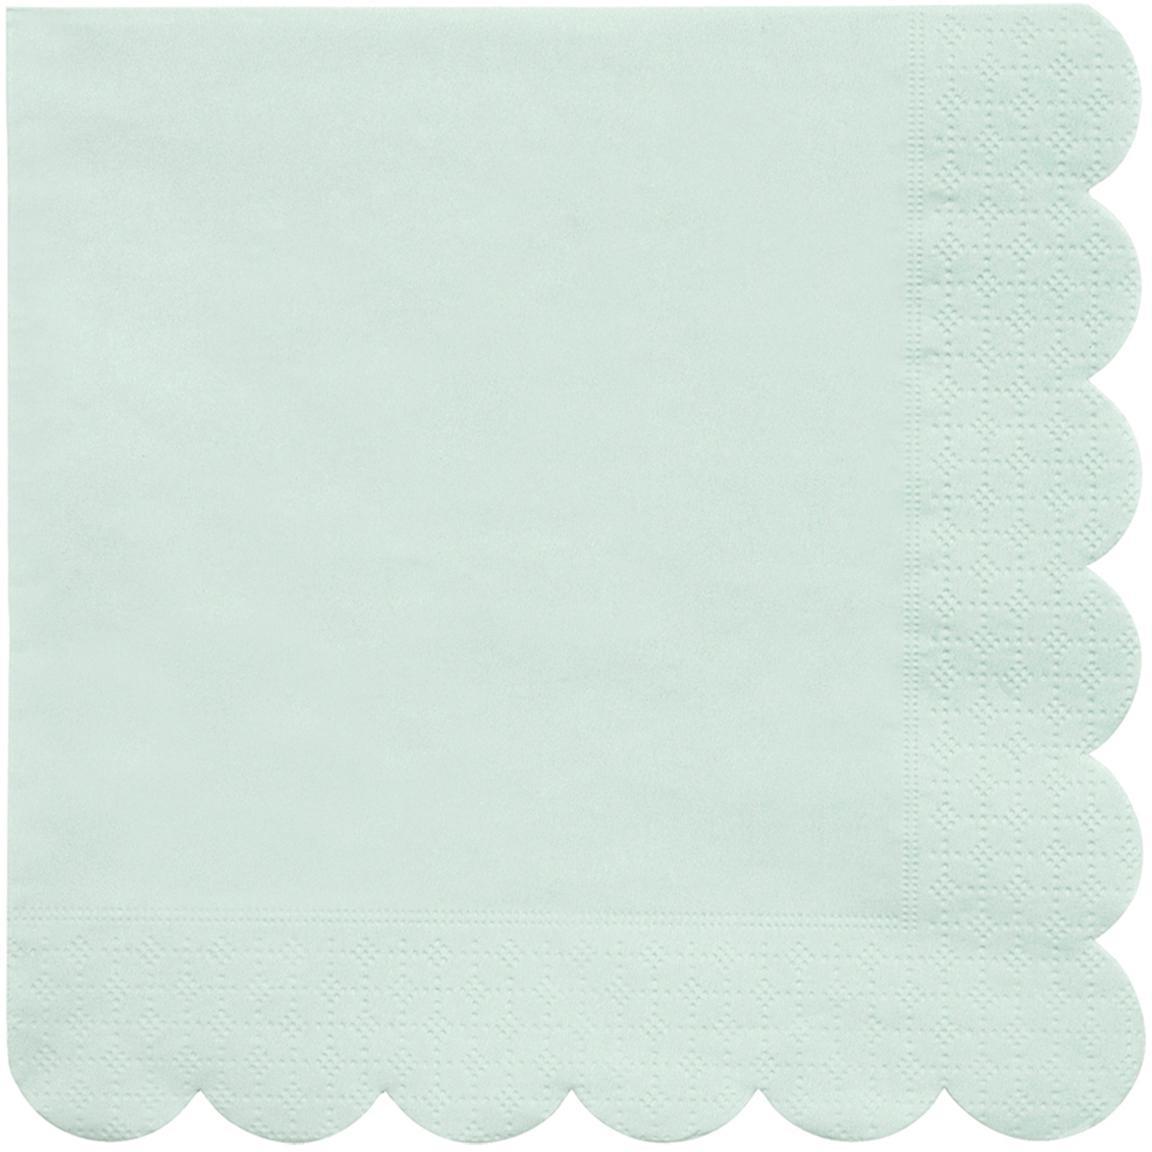 Serwetka z papieru Simply Eco, 20 szt., Papier, Zielony miętowy, S 33 x D 33 cm